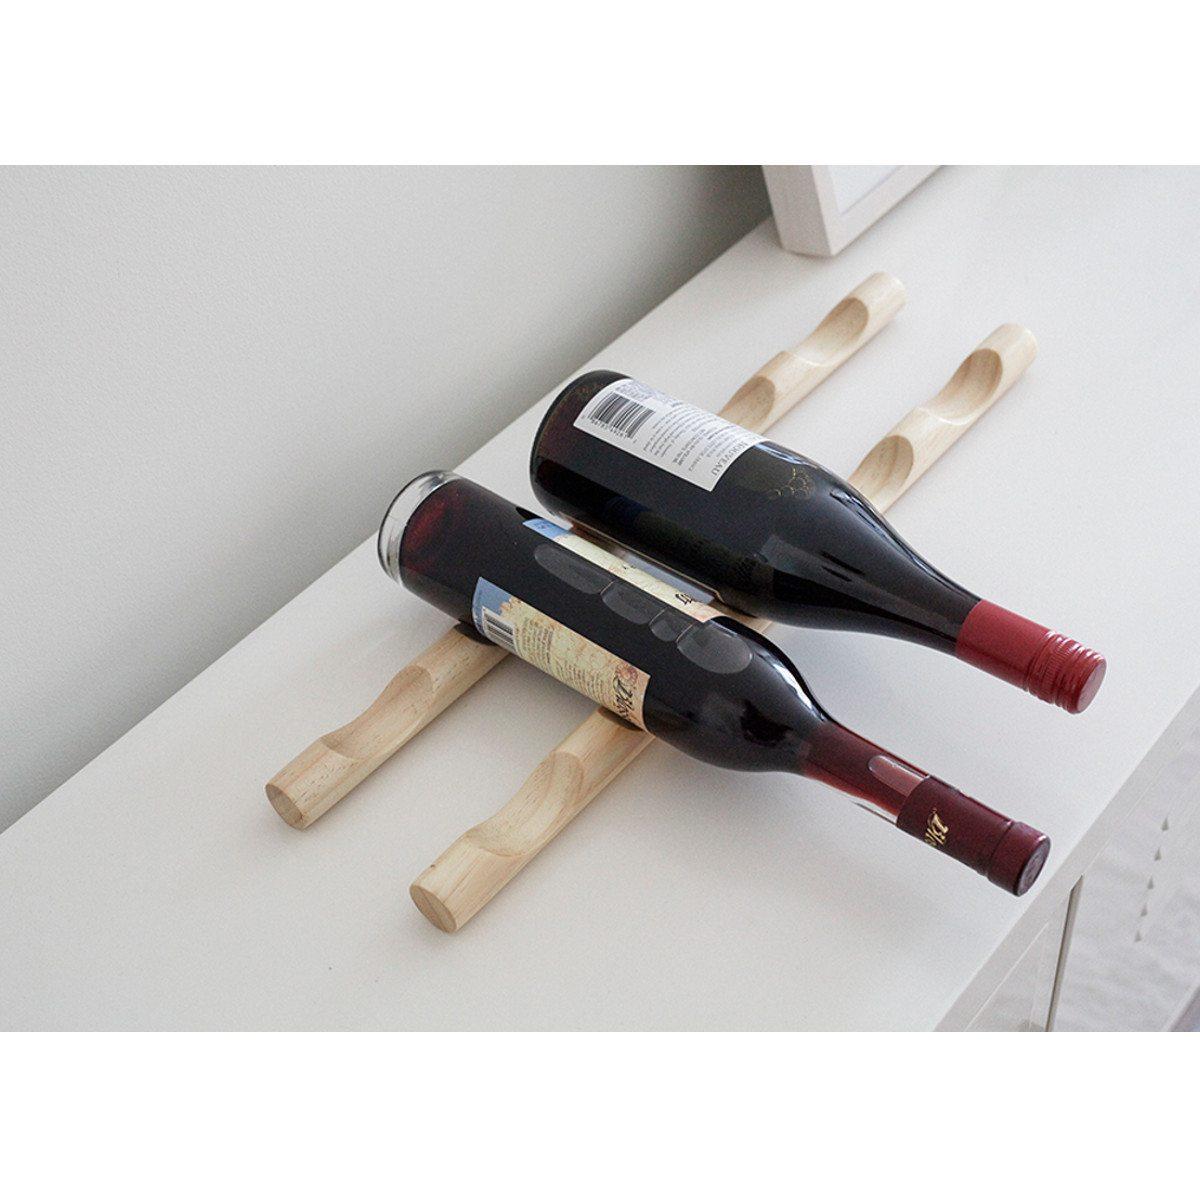 Minimalistisk vinreol